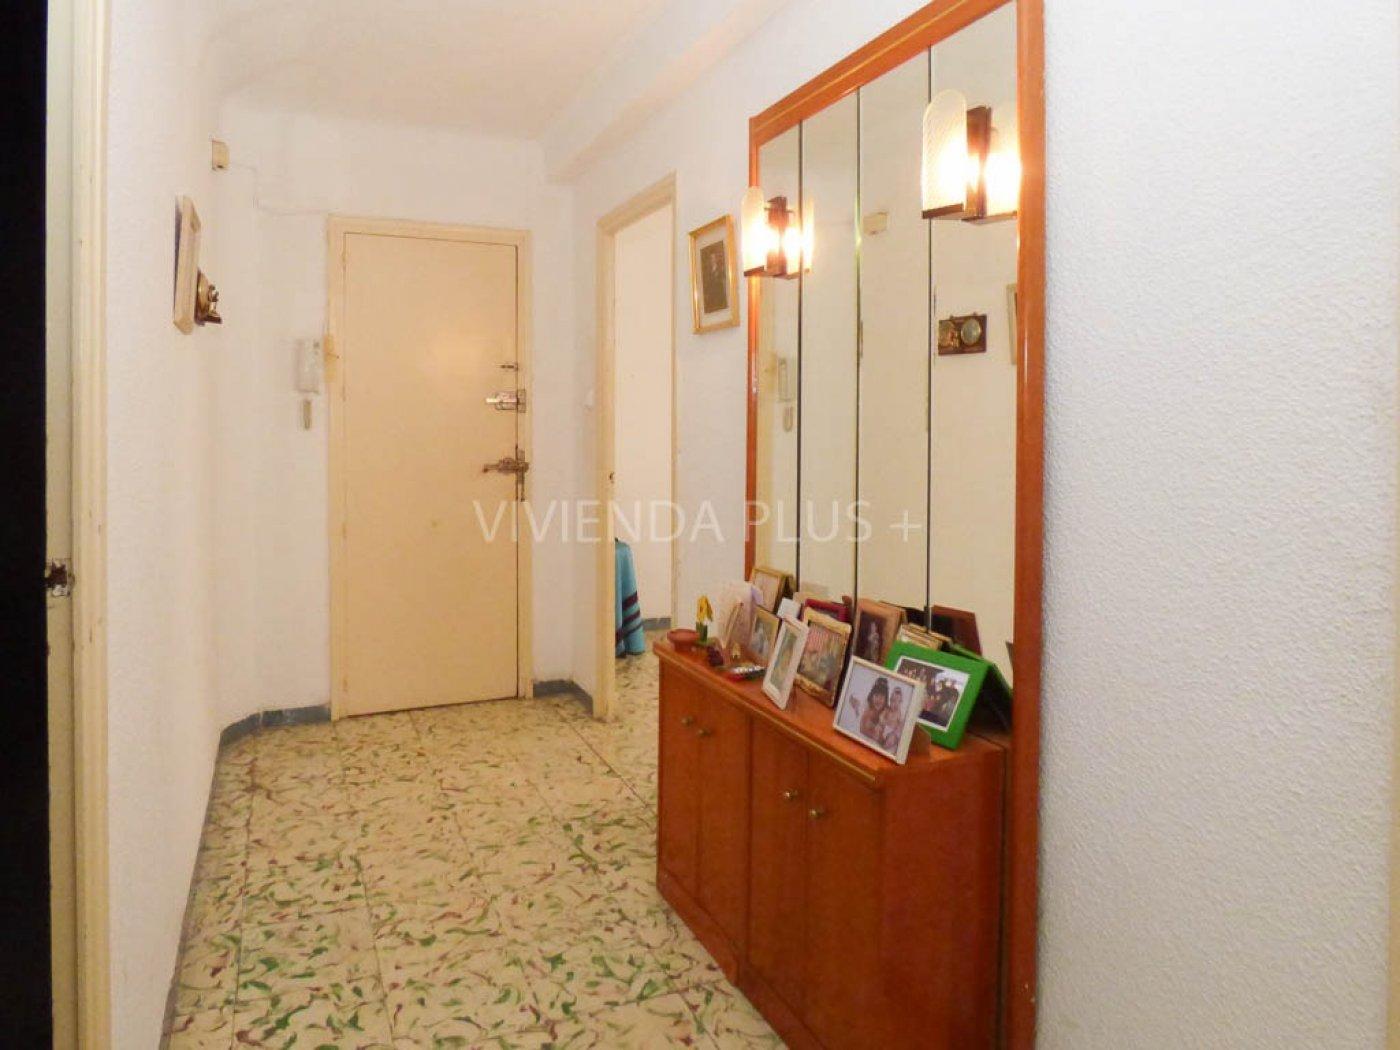 Gran oportunidad en carrus avda libertad 3º piso real de 105 metros con cocina y baño reformado